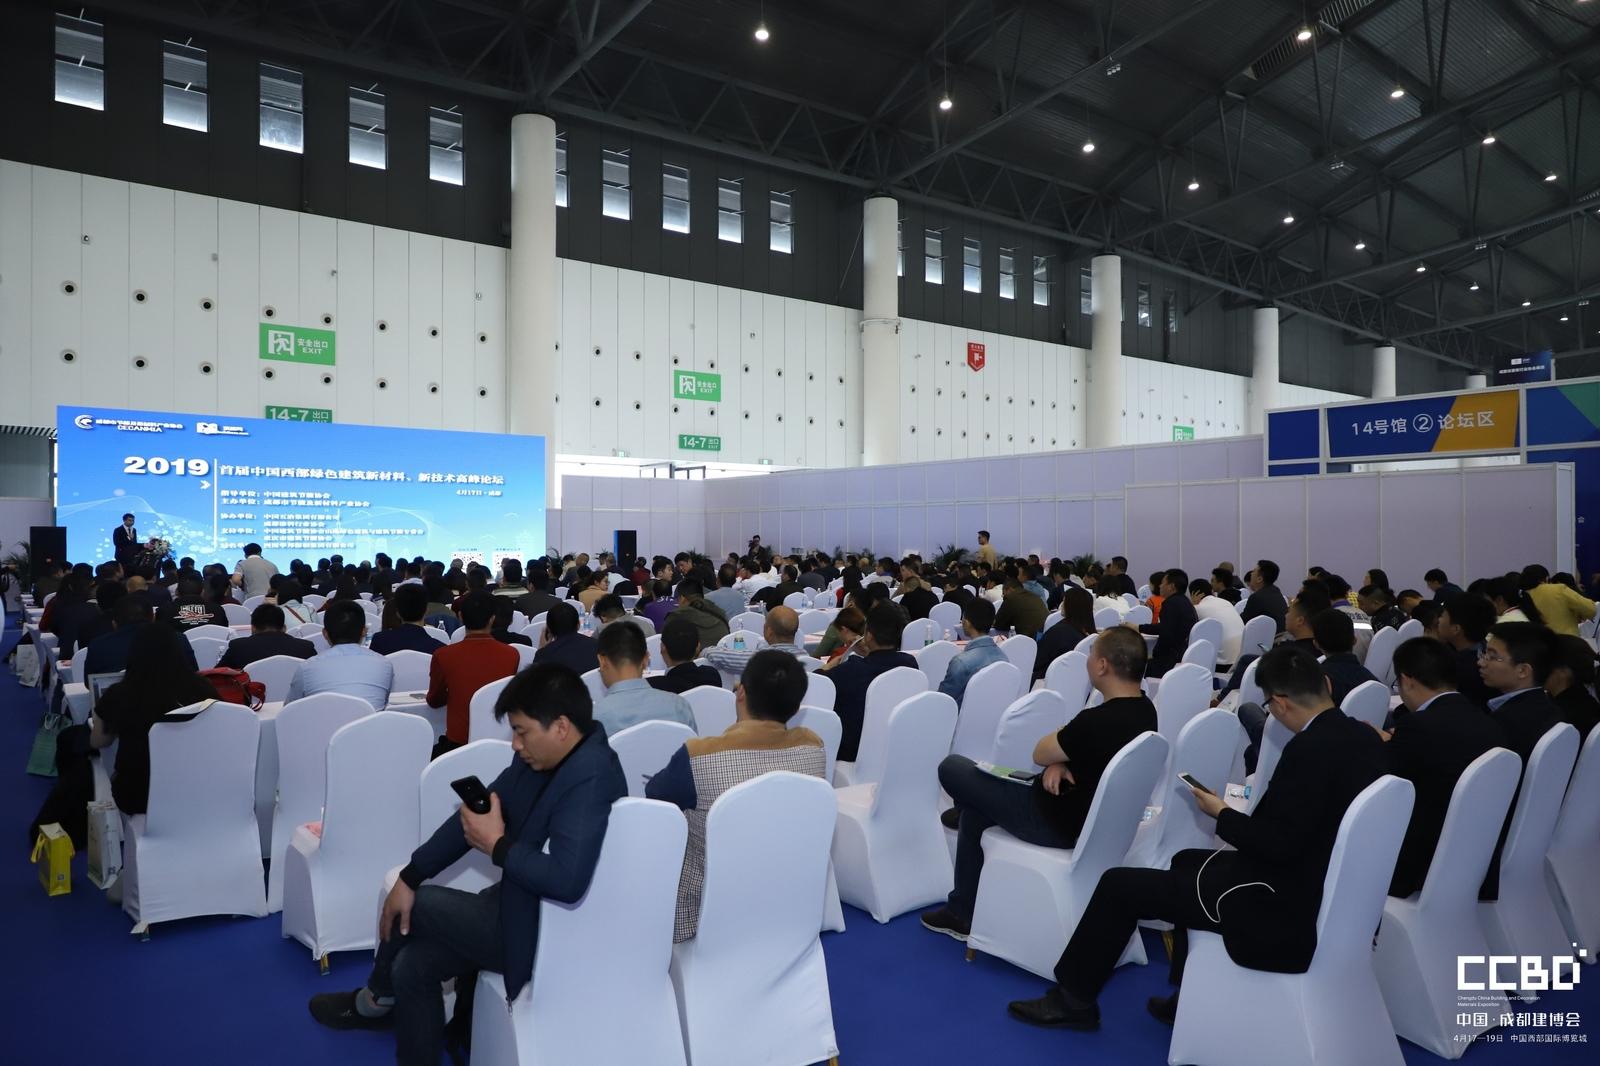 2019中国西部绿色建筑节能新材料、新技术产品应用论坛(图3)